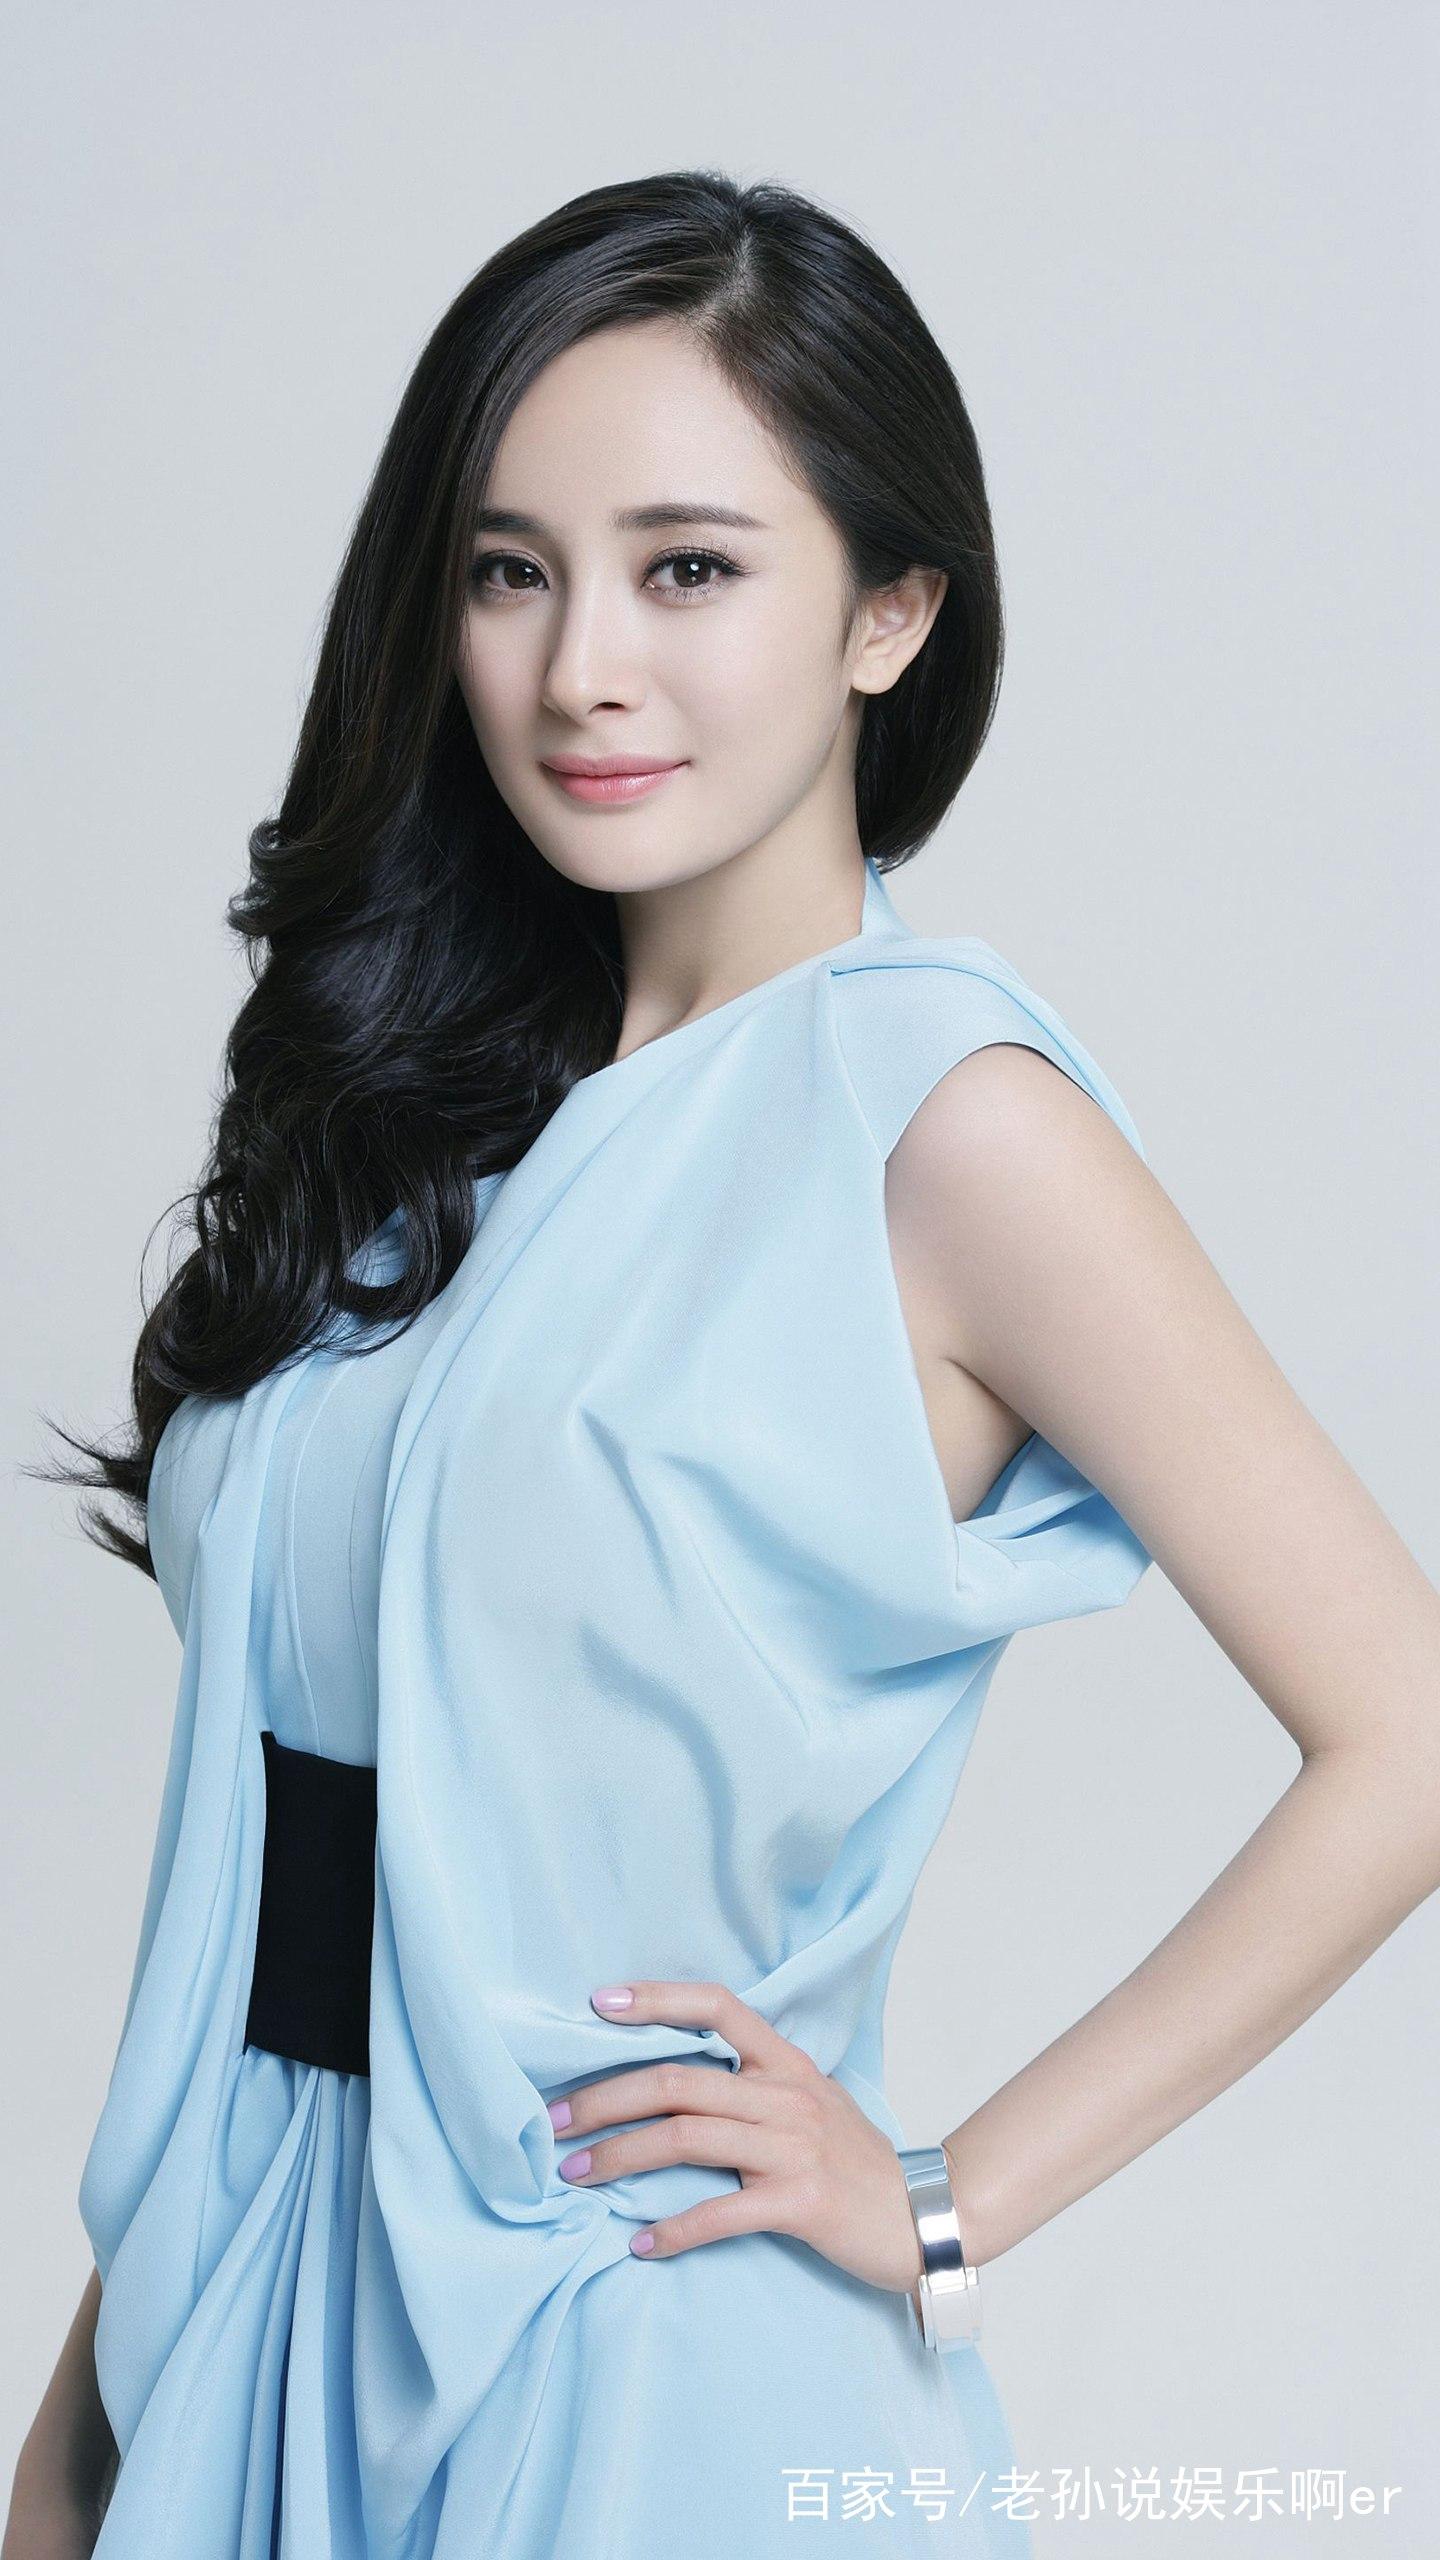 北京女明星名单_杨幂,1986年9月12日出生于北京市,中国内地影视女演员,流行乐歌手